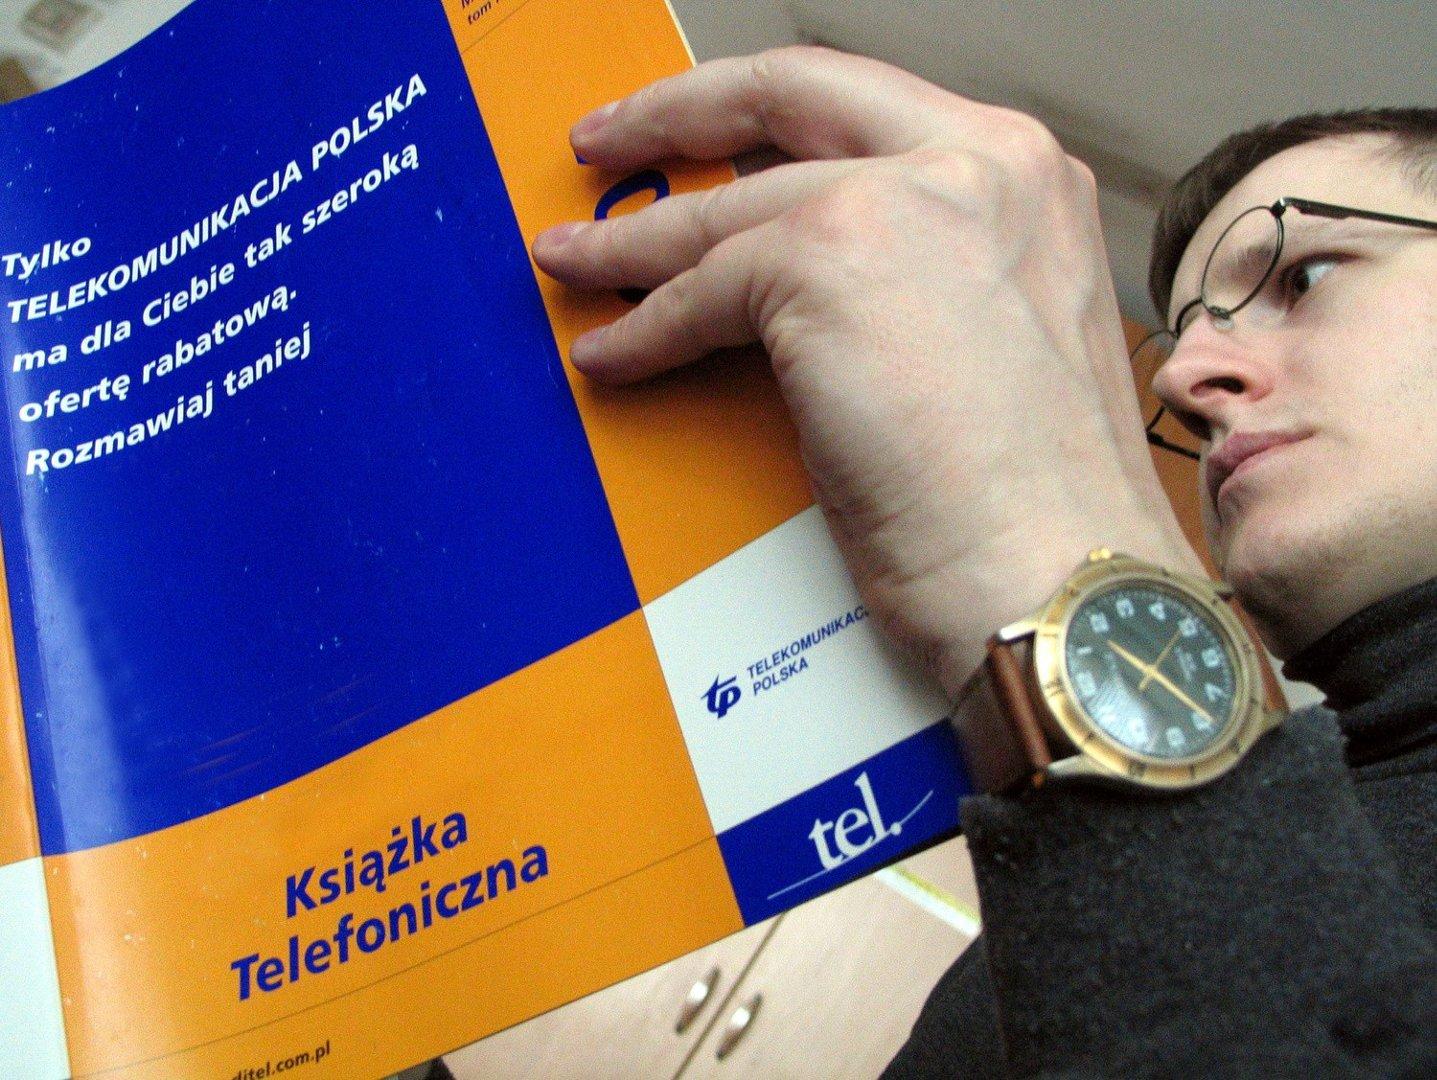 Super Wkrótce znikną książki telefoniczne. Nie wiadomo, czym je YL61